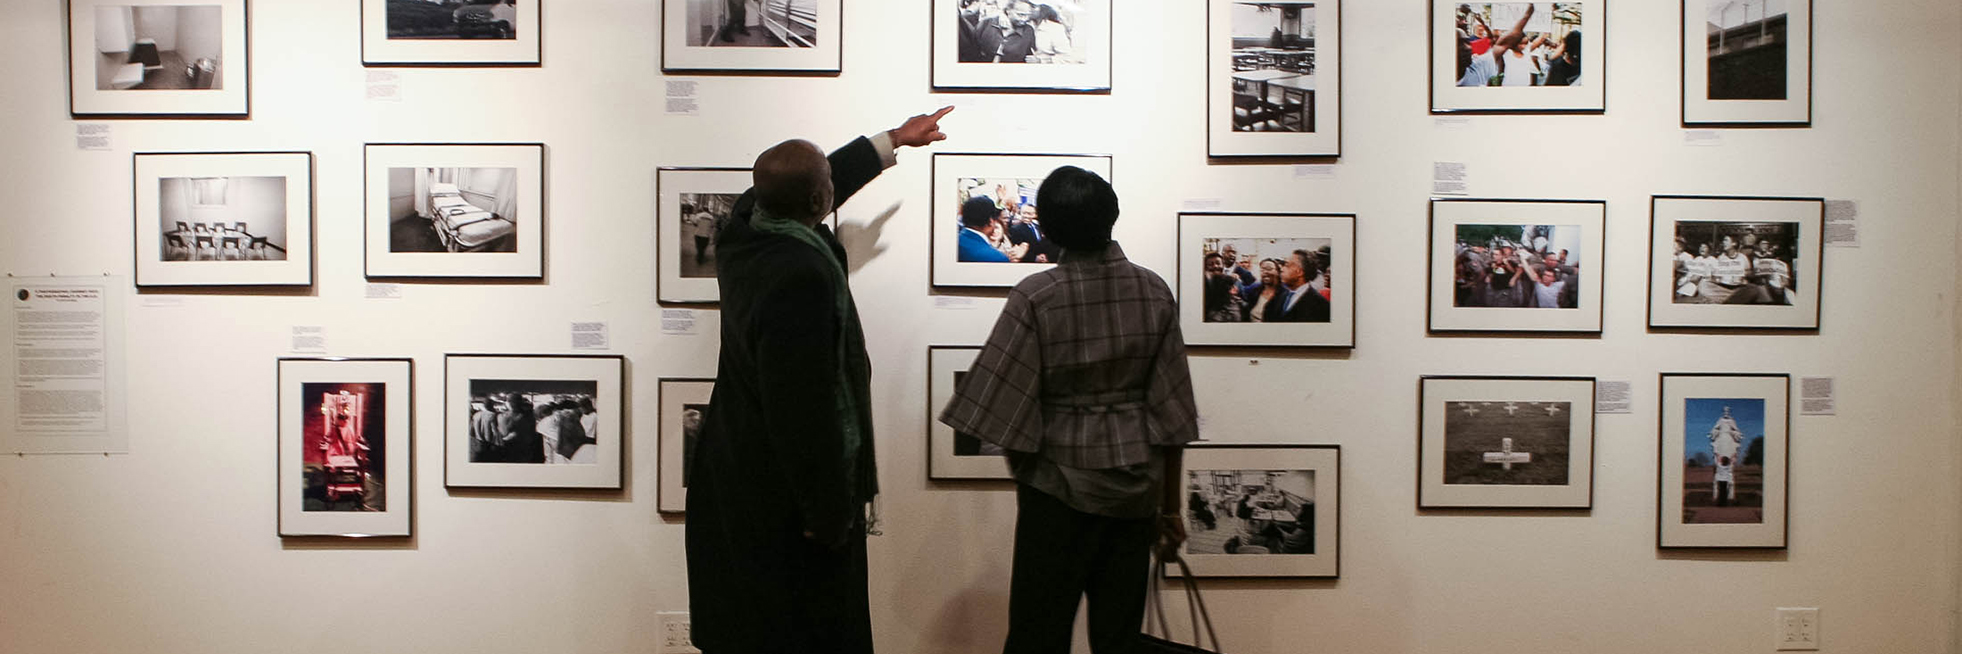 Photo exhibits